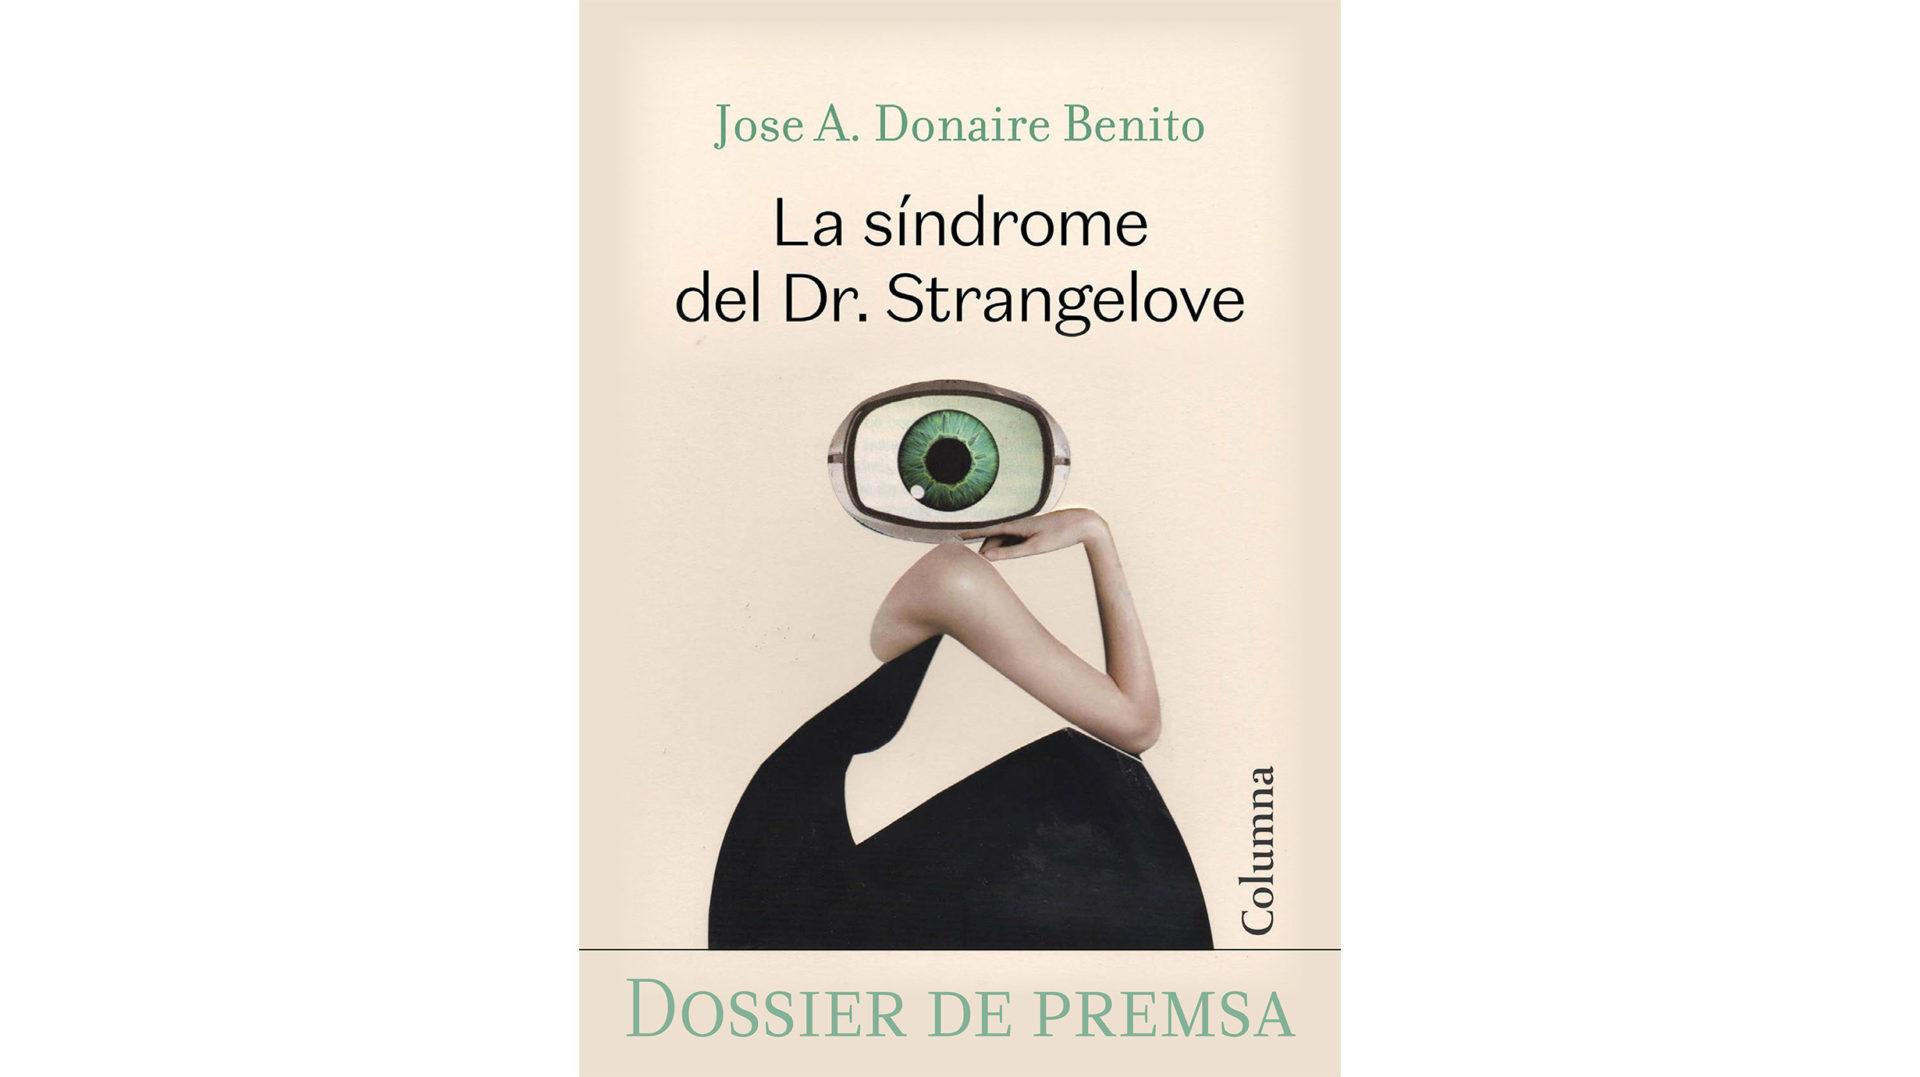 Presentació del llibre 'La síndrome del Dr. Strangelove'